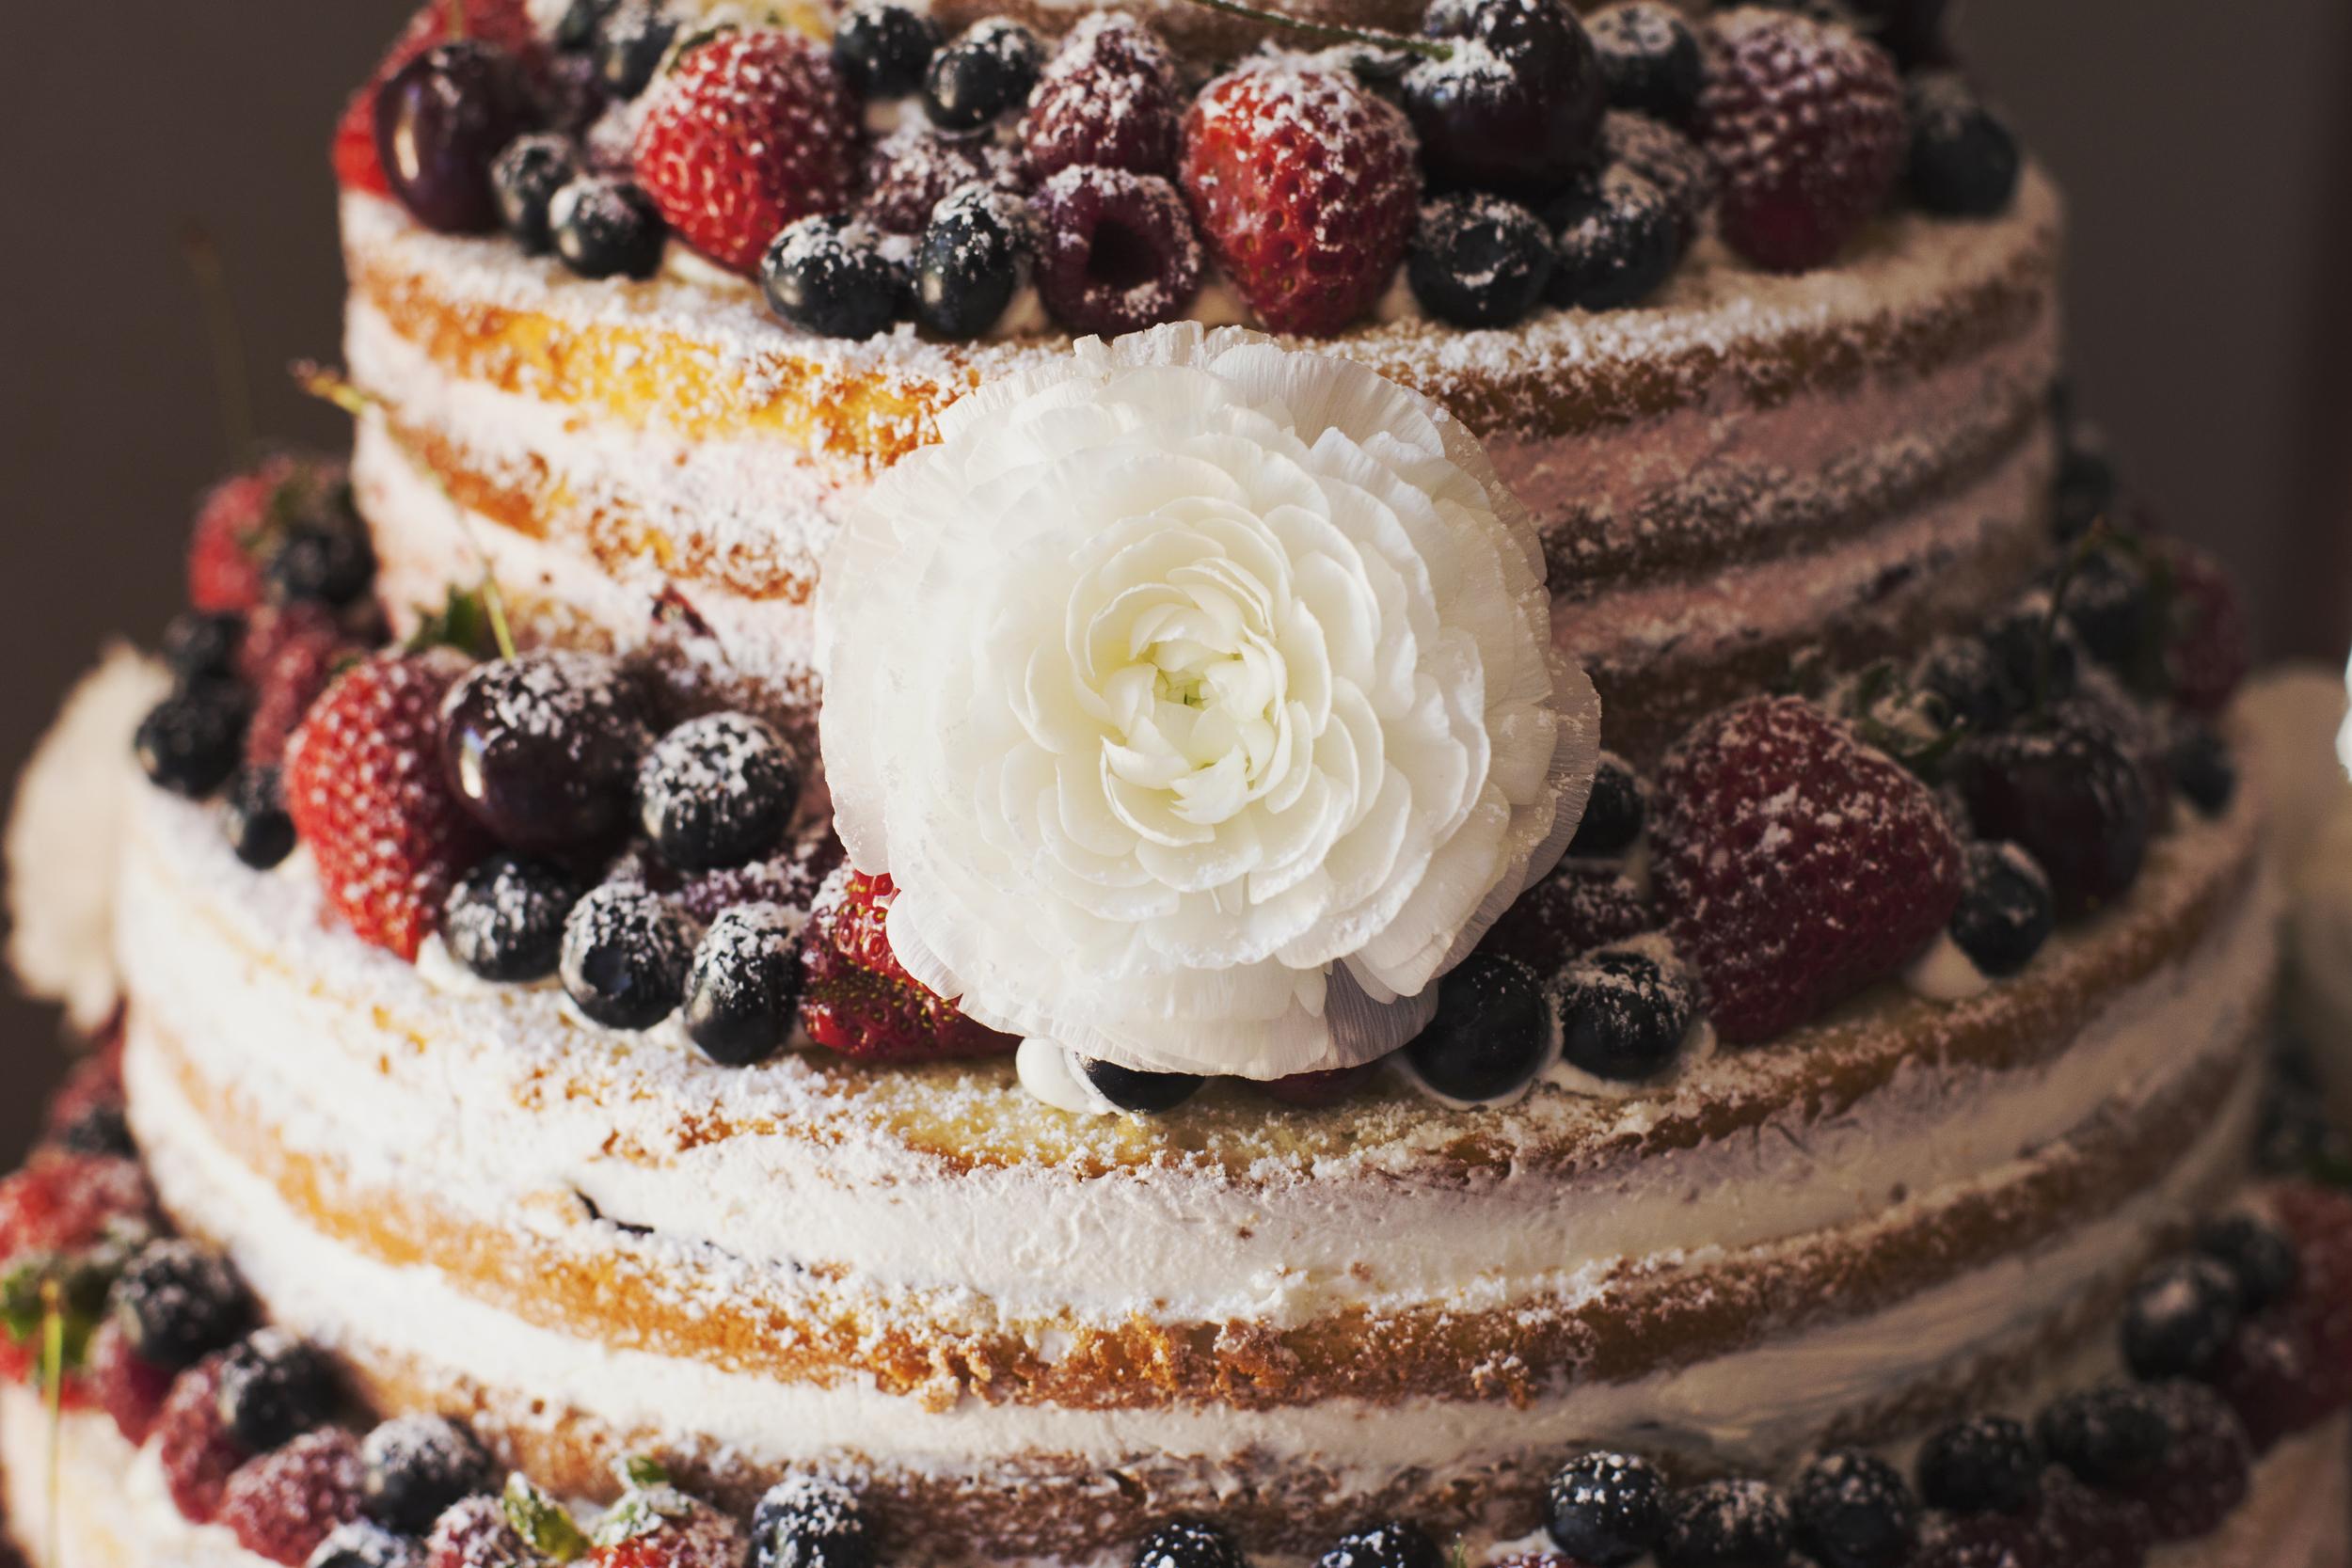 CakeCUIMG_8038.jpg